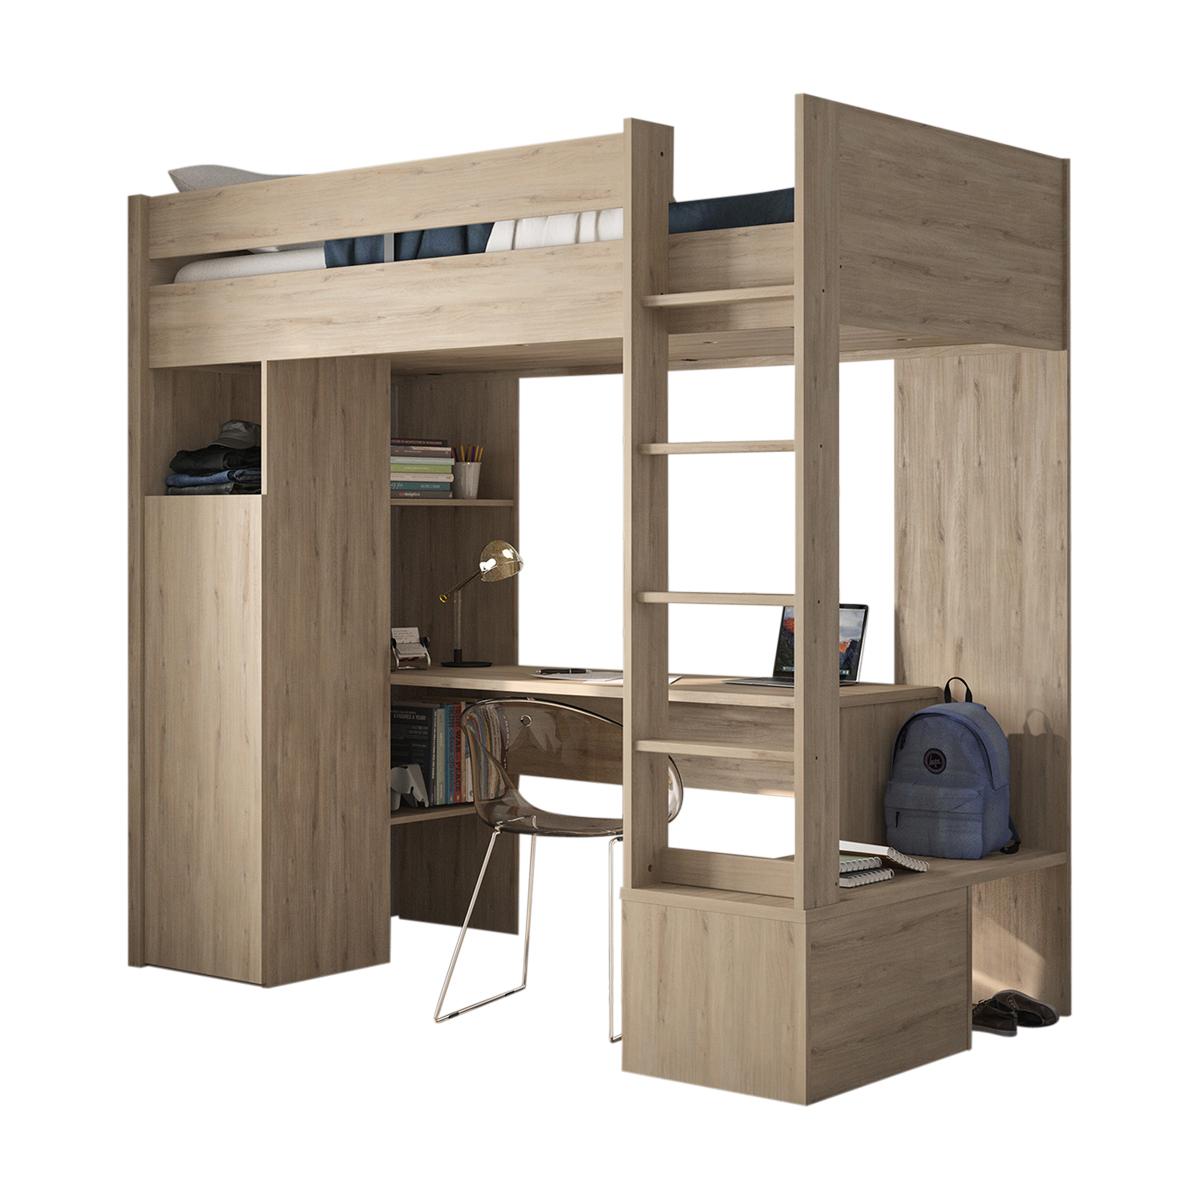 Lit mezzanine Panneaux de bois 90×200 Bois